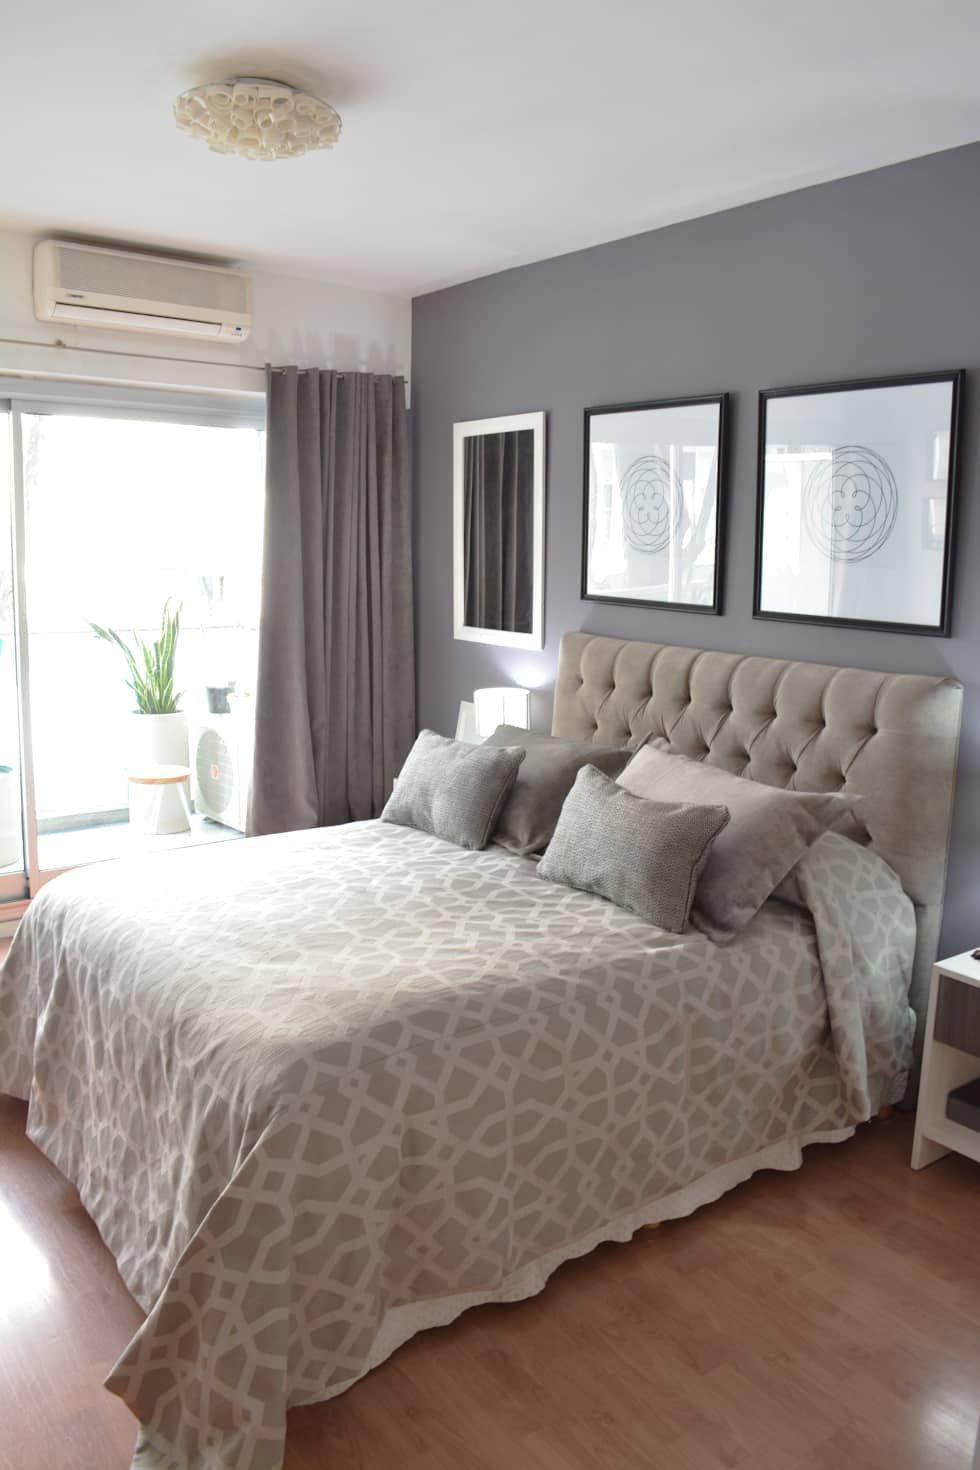 Dise o de interiores para dormitorios casa dise o for Interiores de diseño